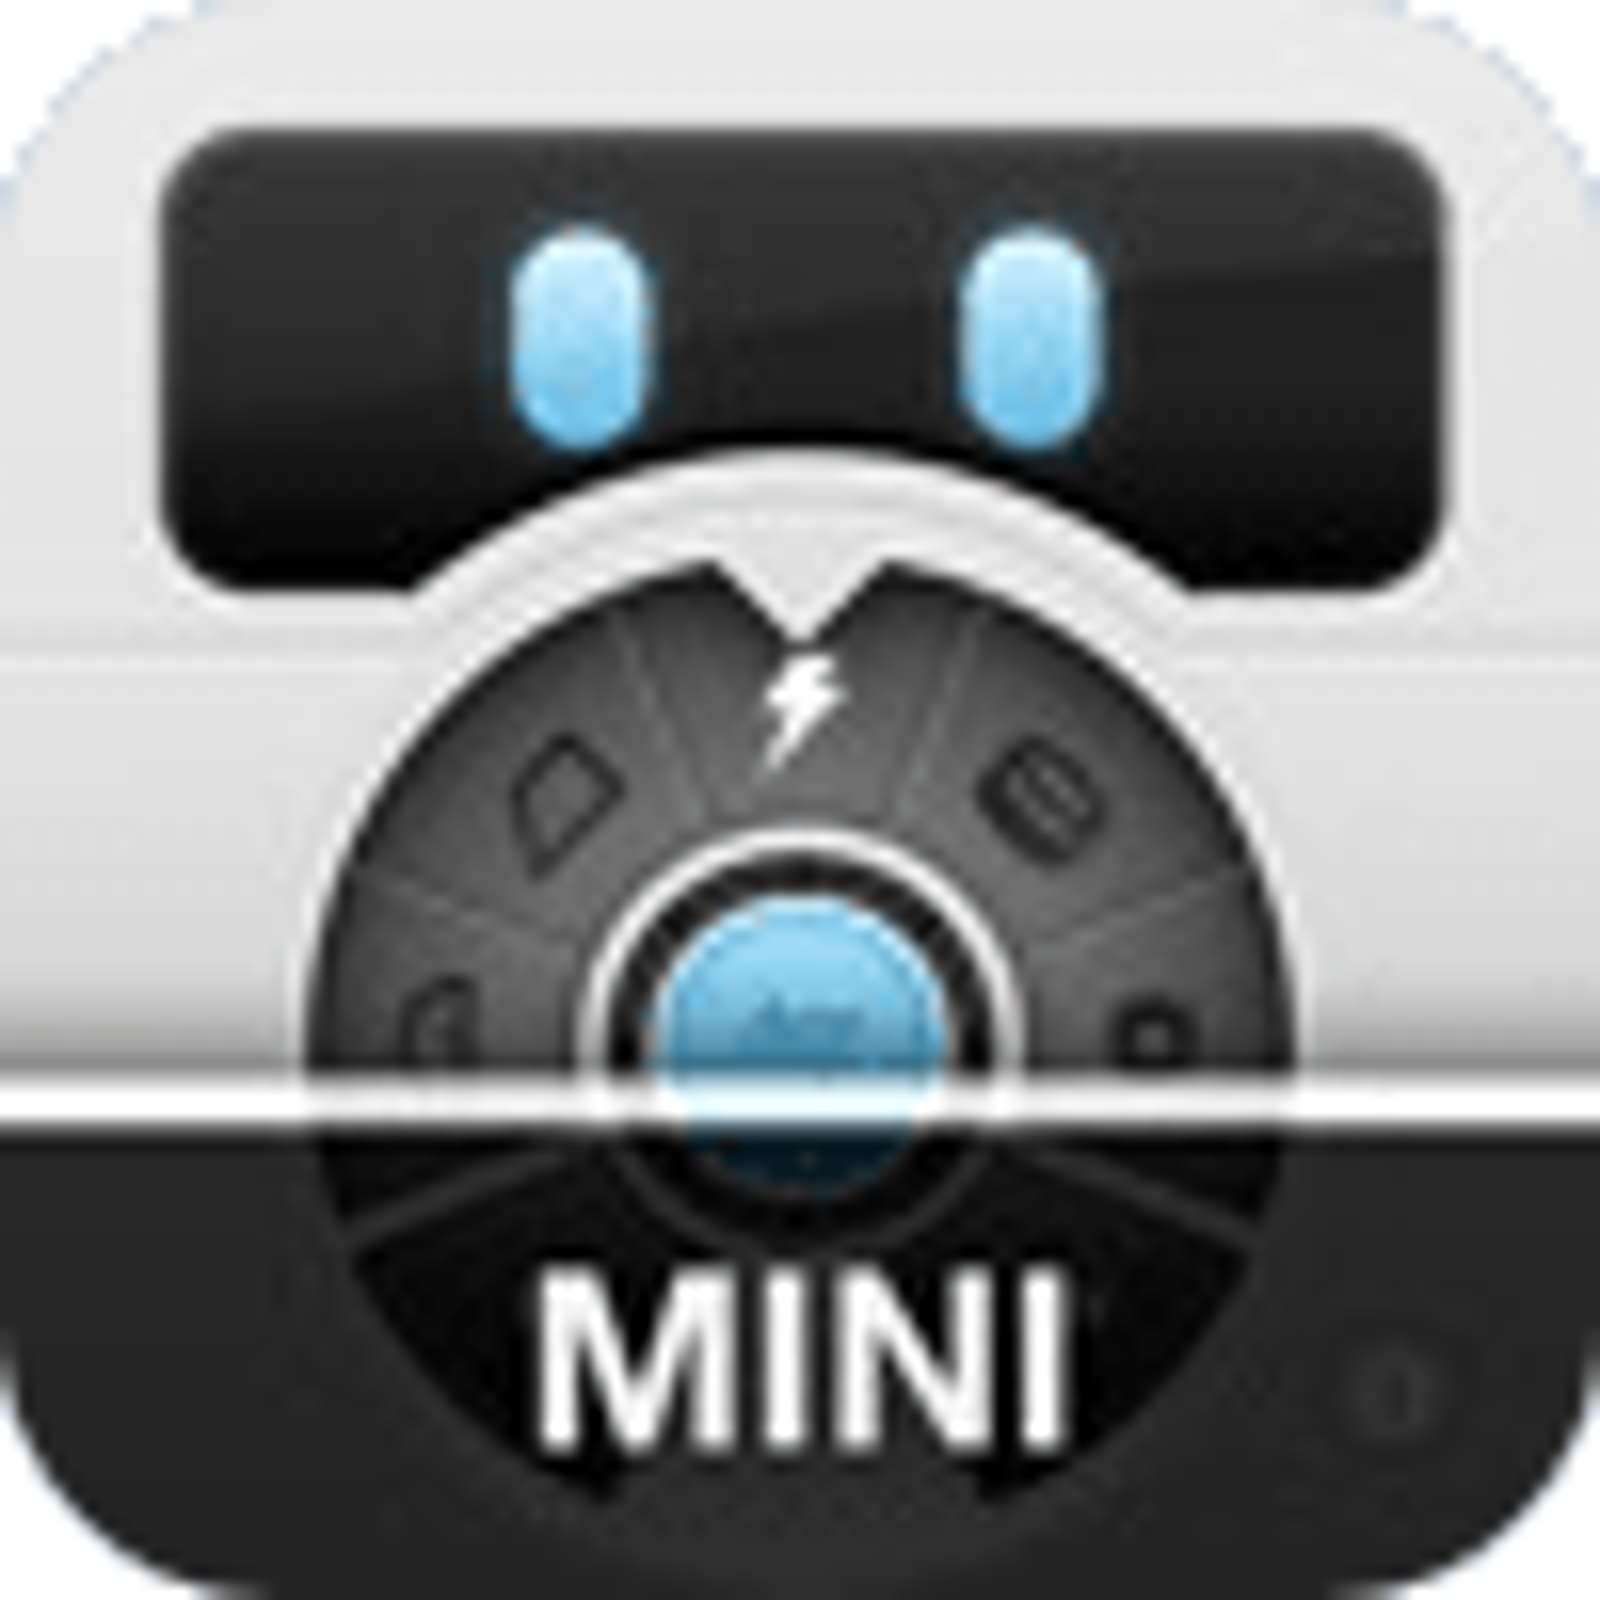 Convertbot Mini